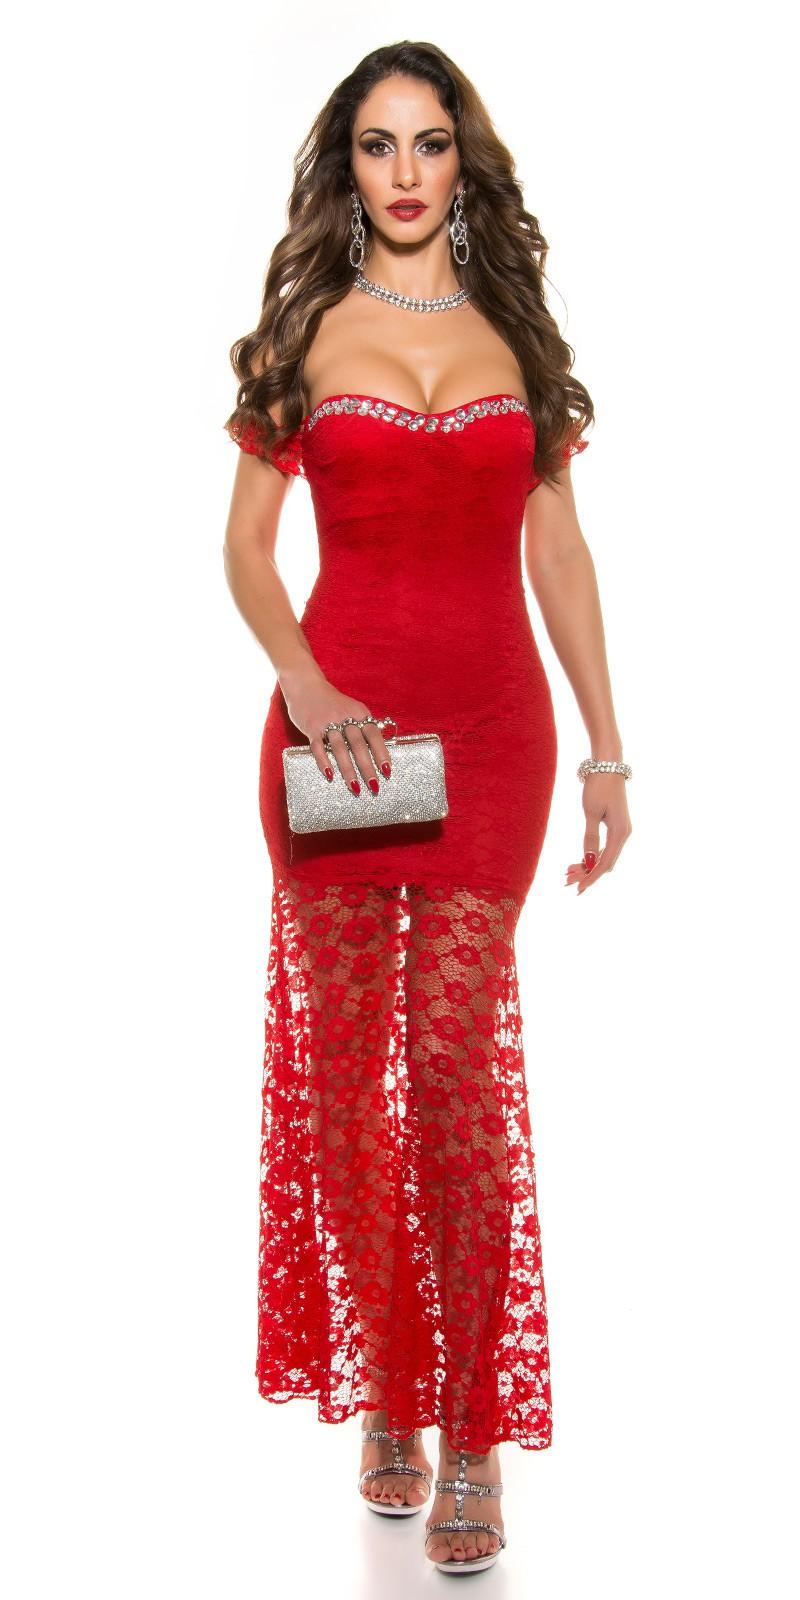 competitive price 39b88 927ee AL036 Abito da cerimonia lungo elegante rosso abito da sera